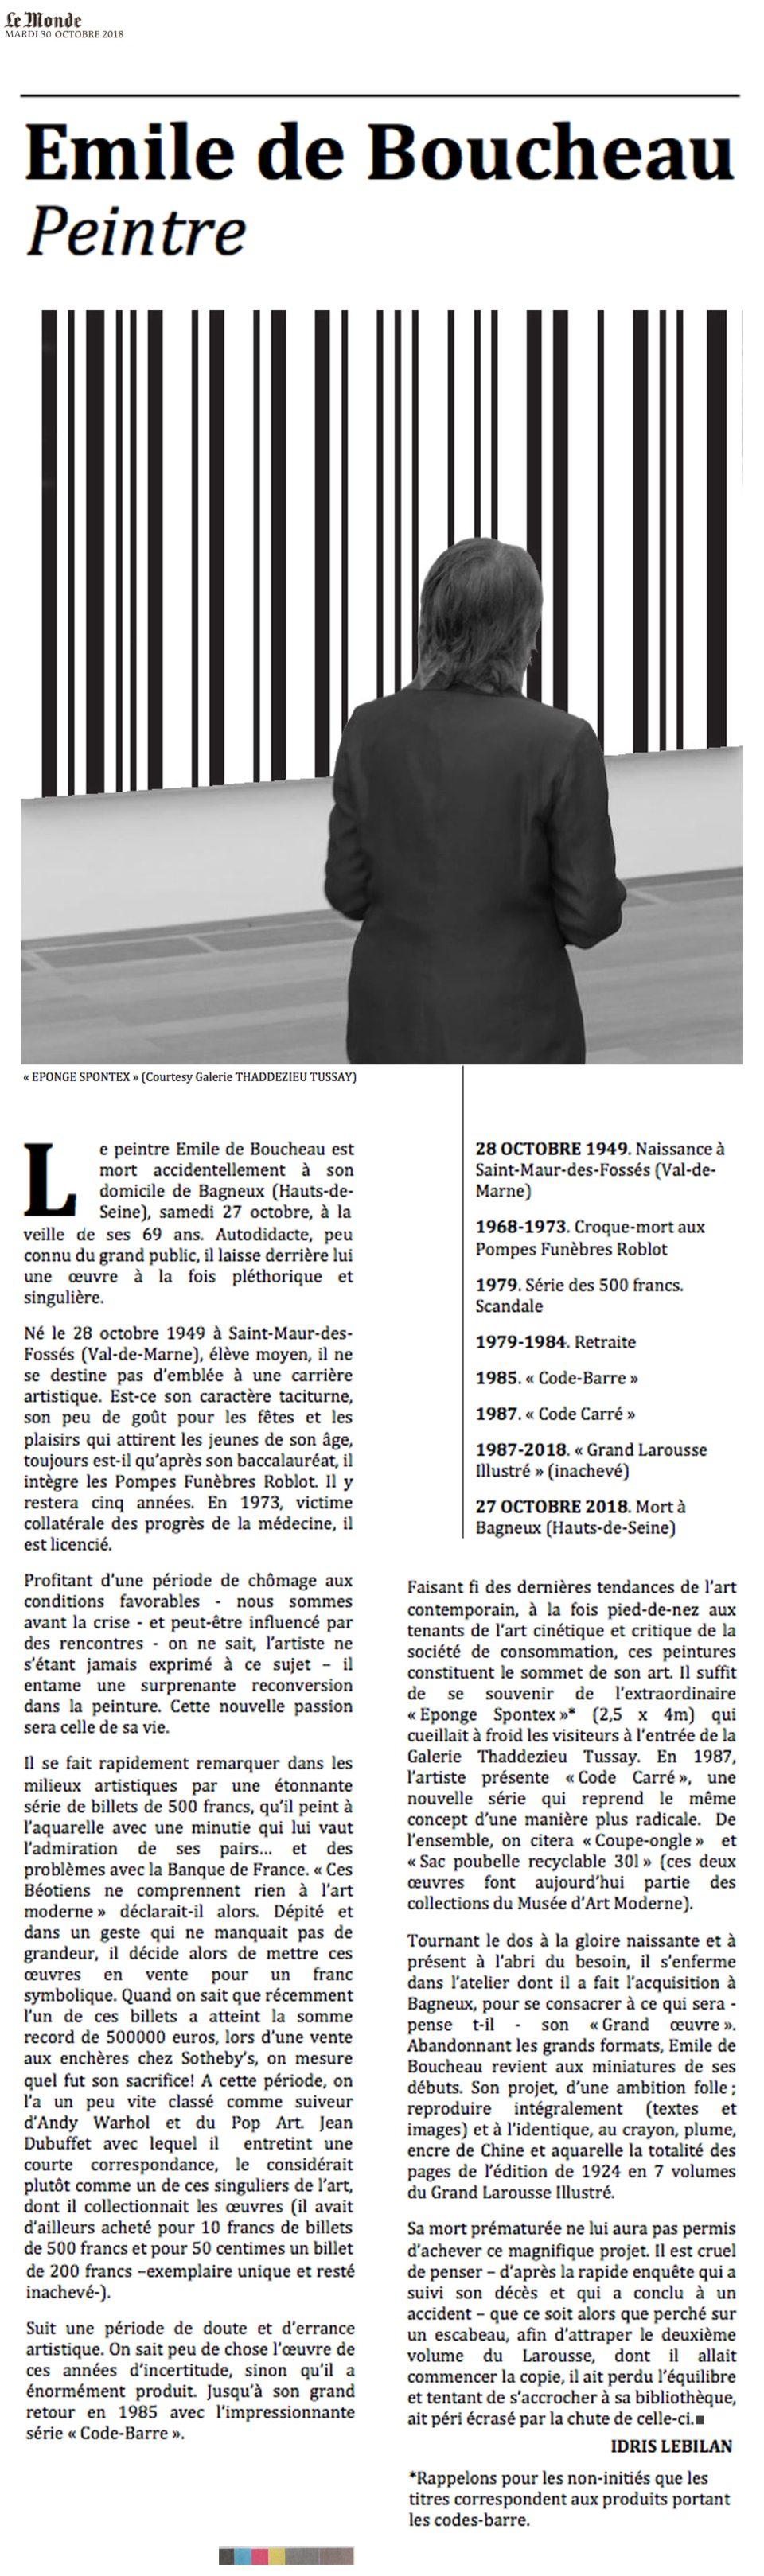 Disparition. Emile de Boucheau 1949-2018 - Choses revues par Philippe Mignon